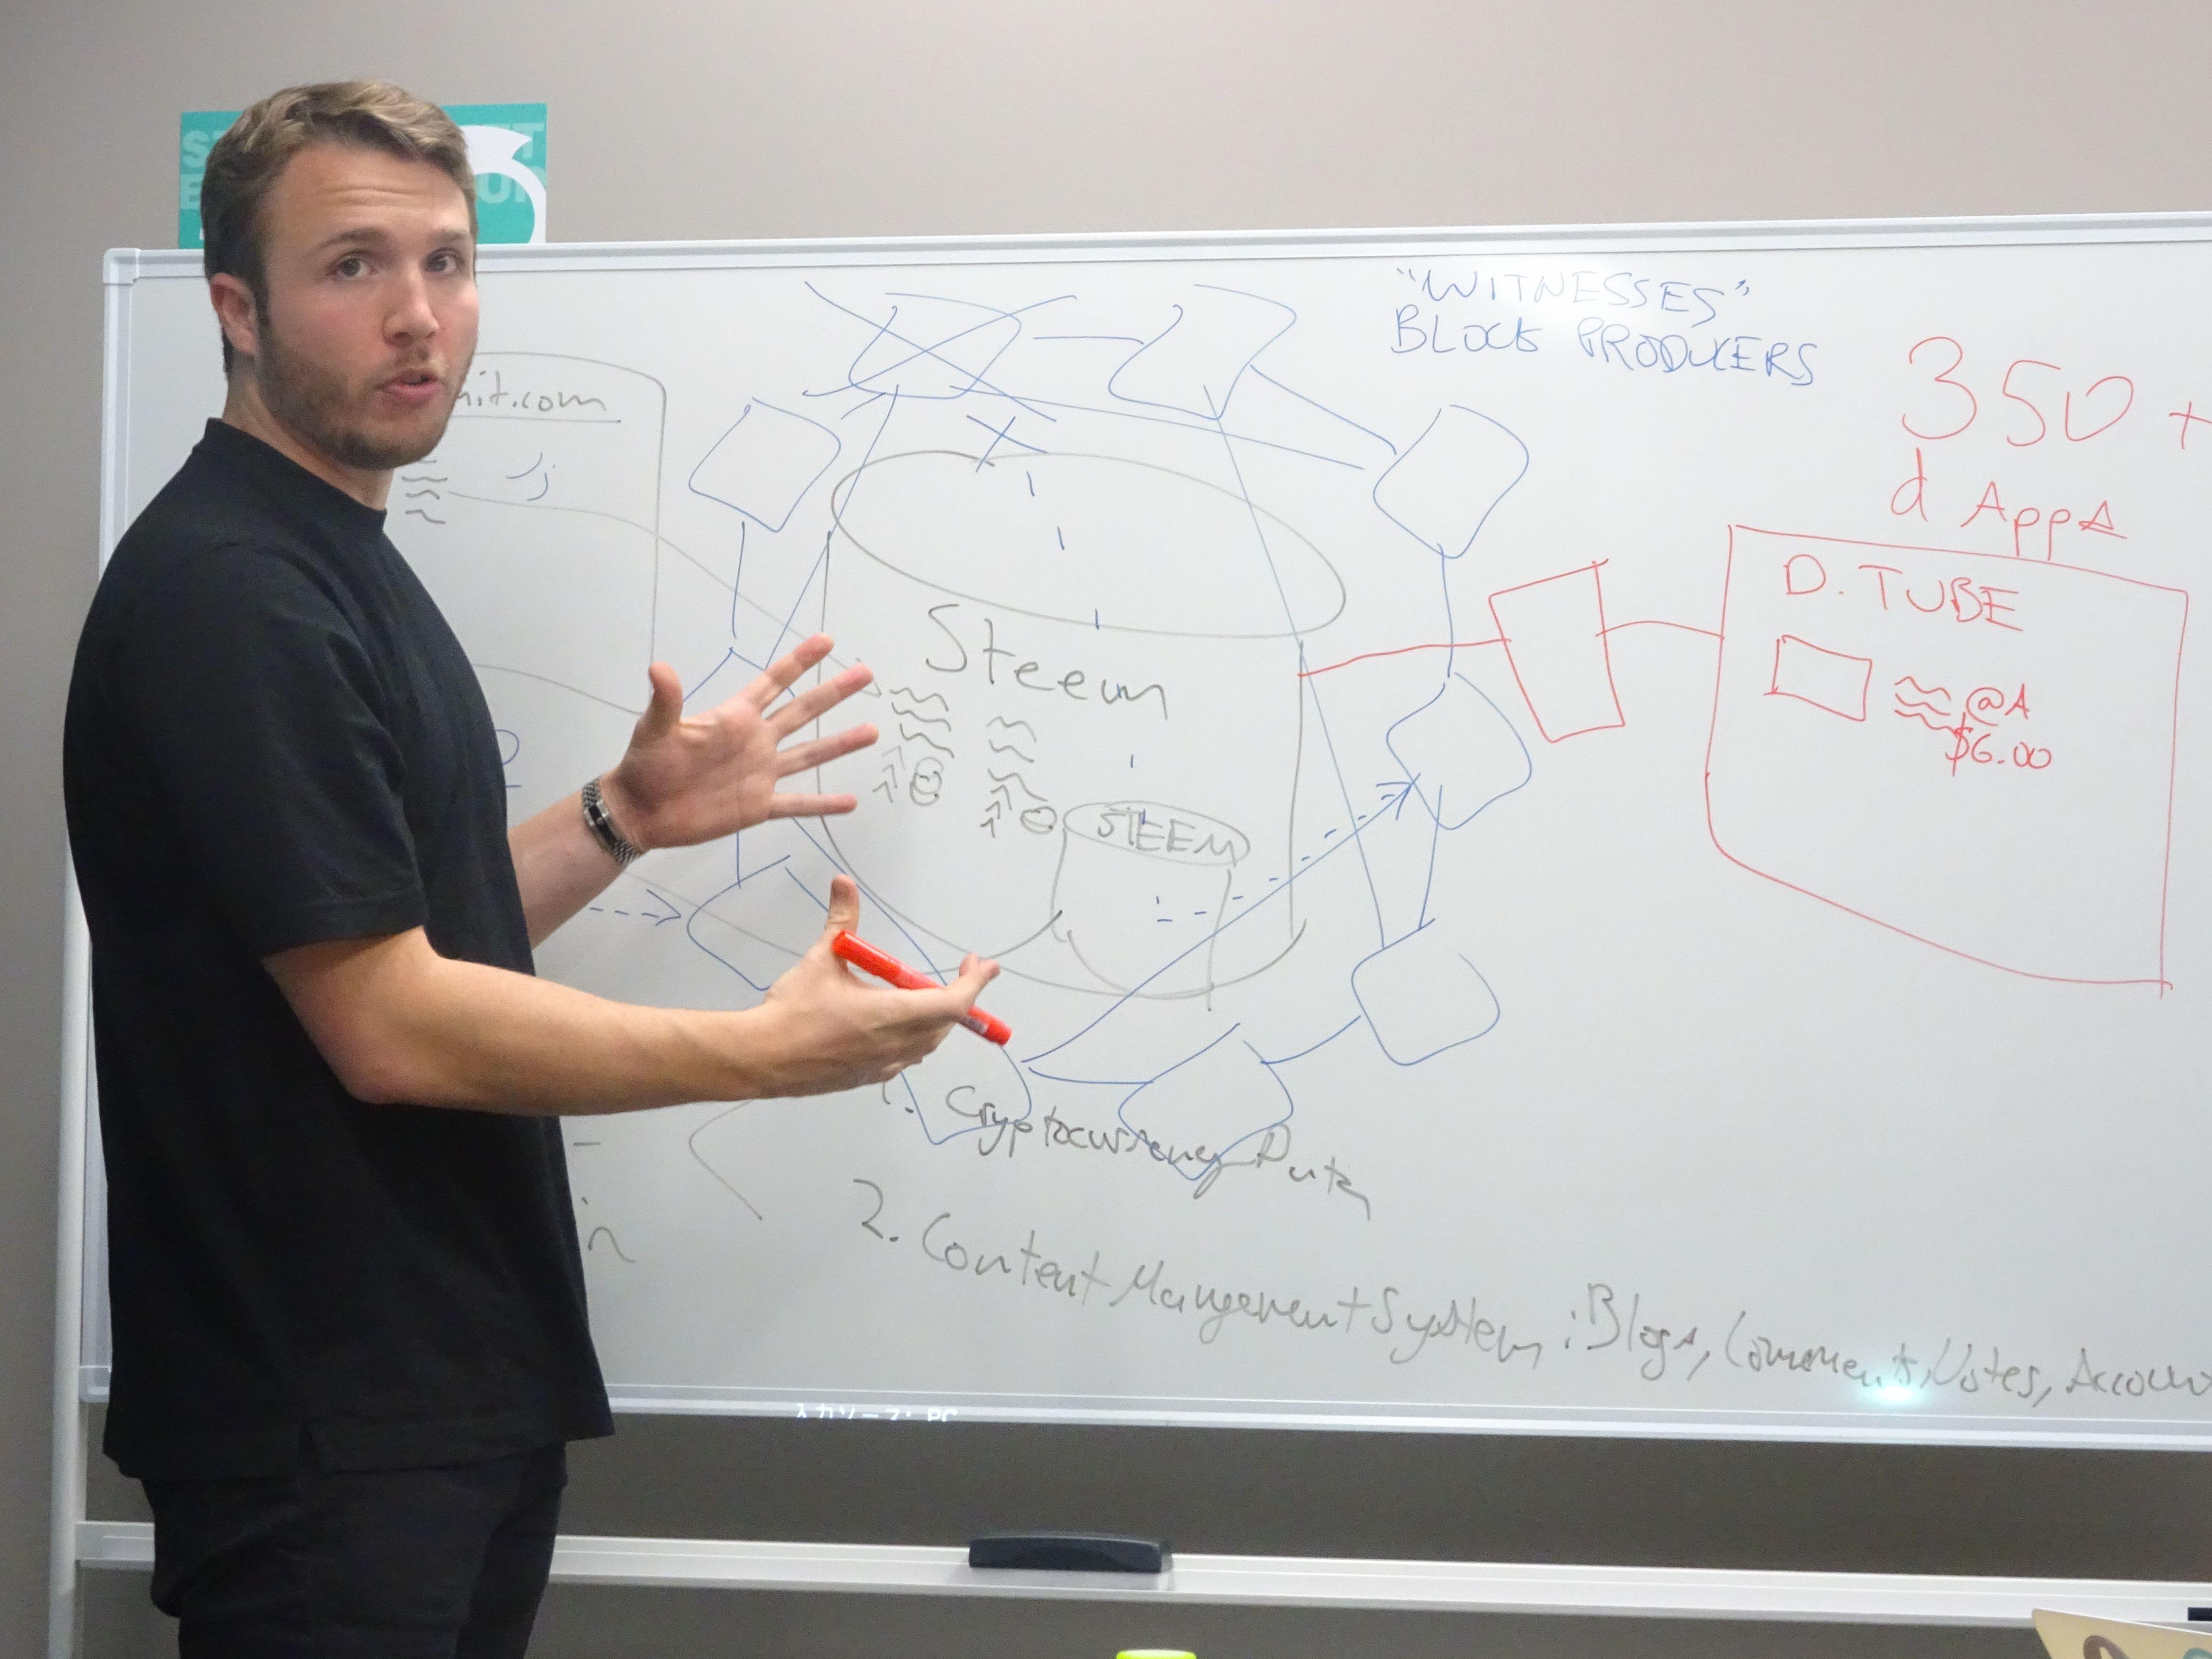 メディア向け説明会でSMTについて説明するスコットCEO